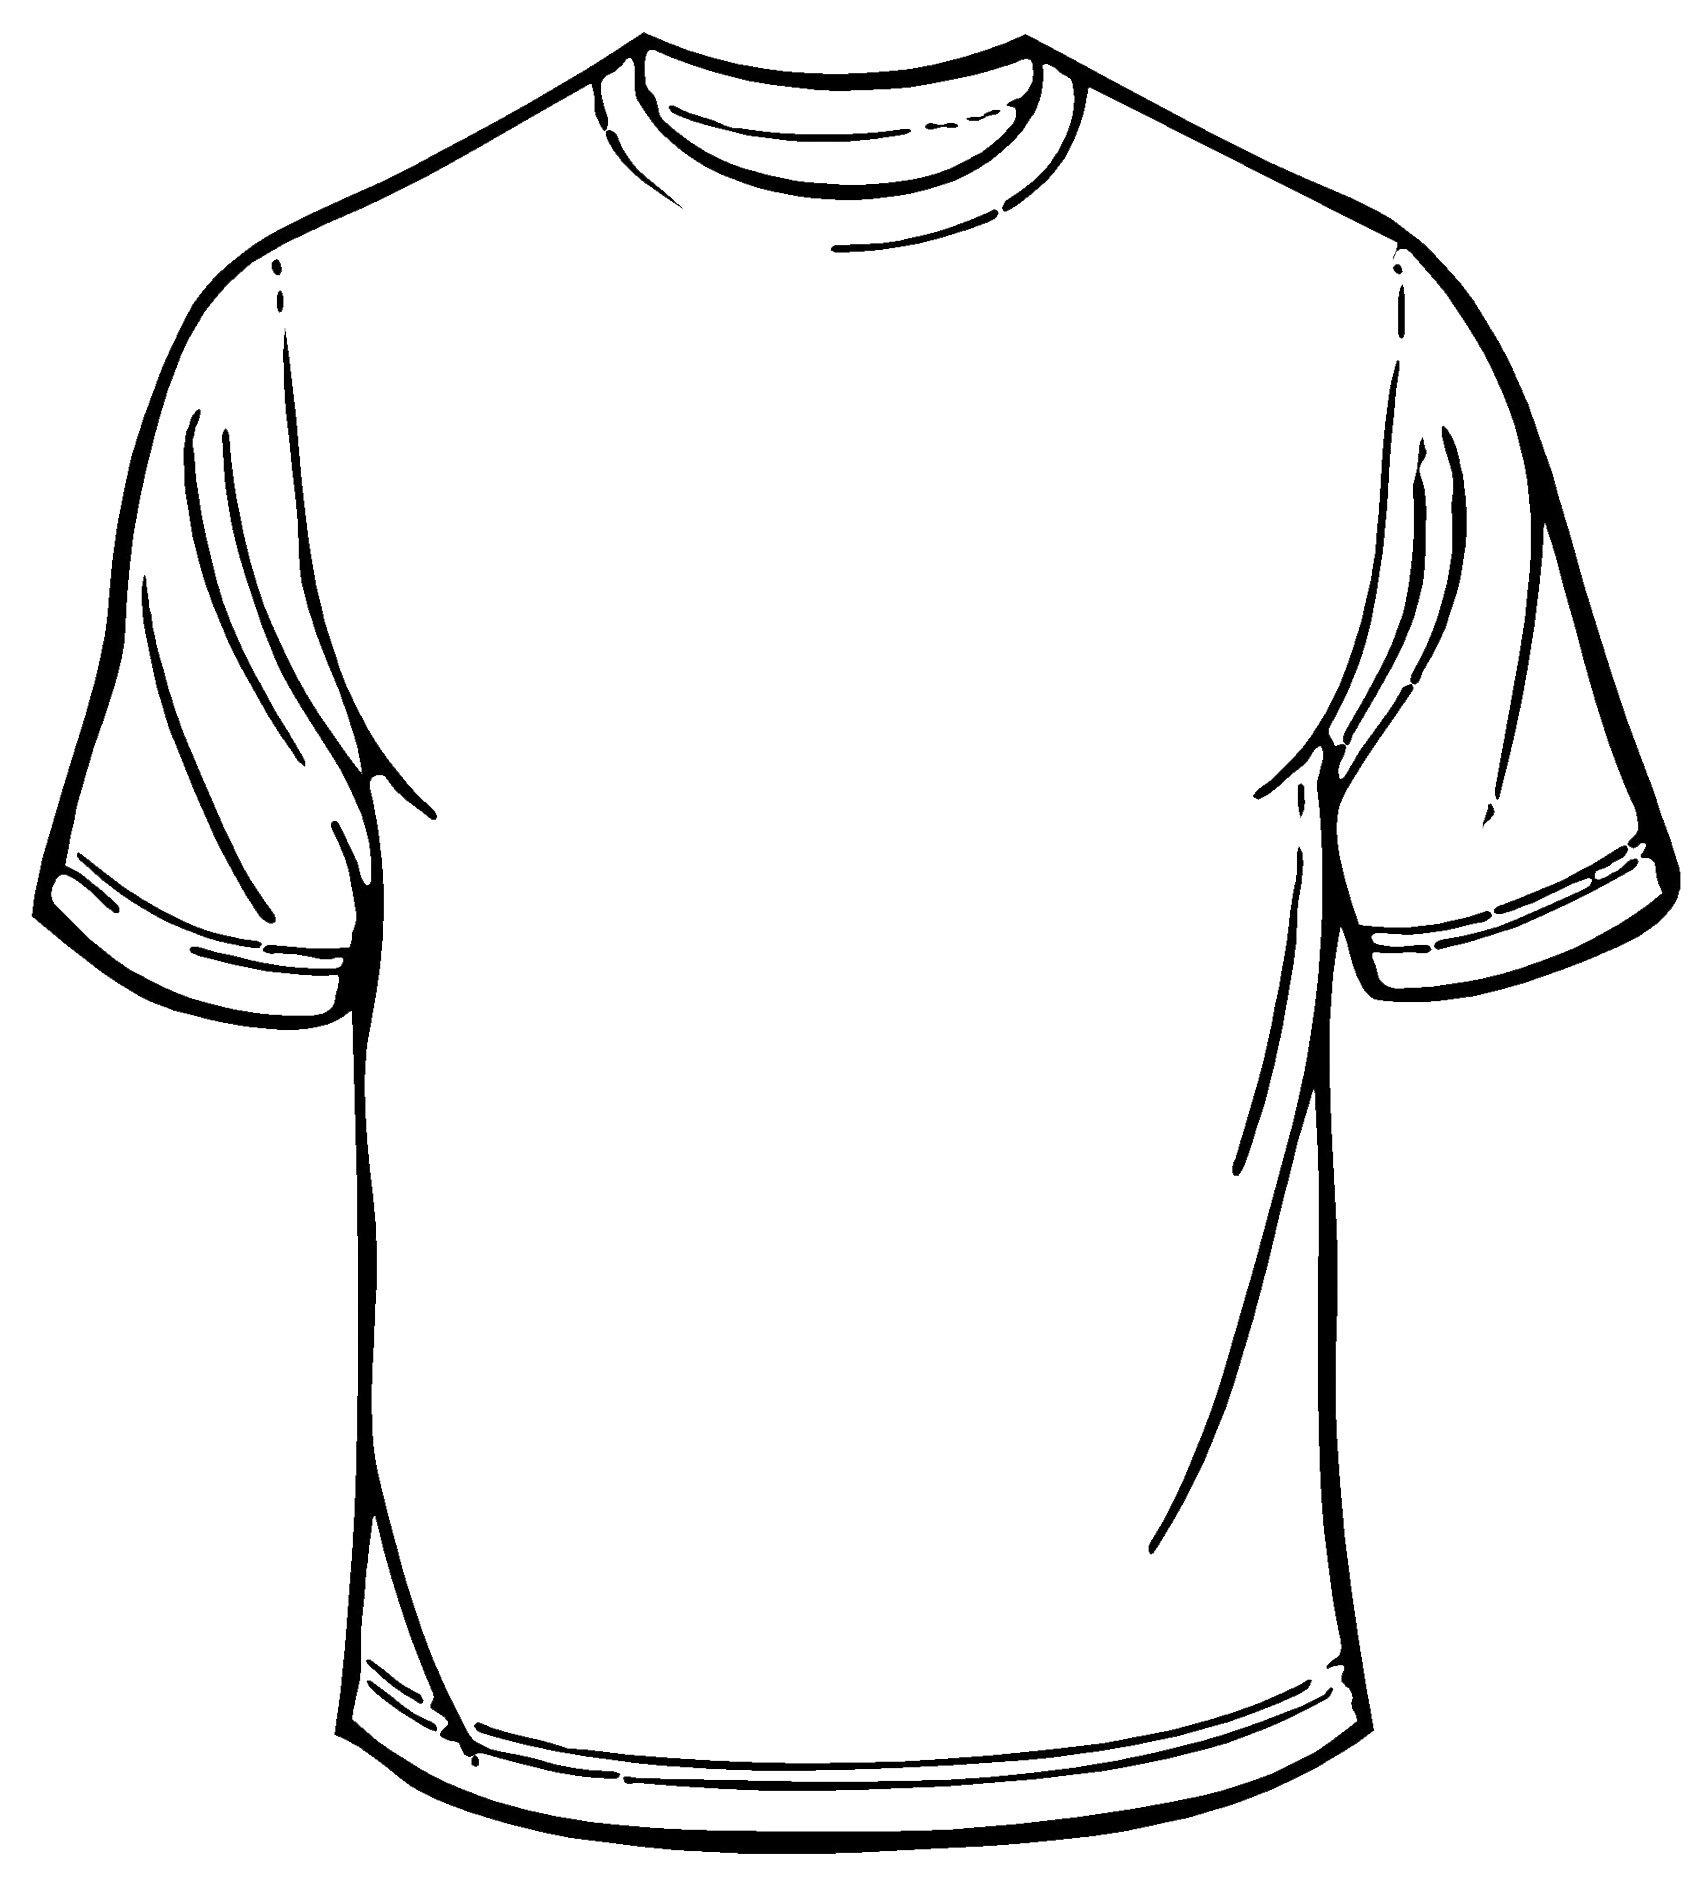 Shirt clipart blank t shirt #7